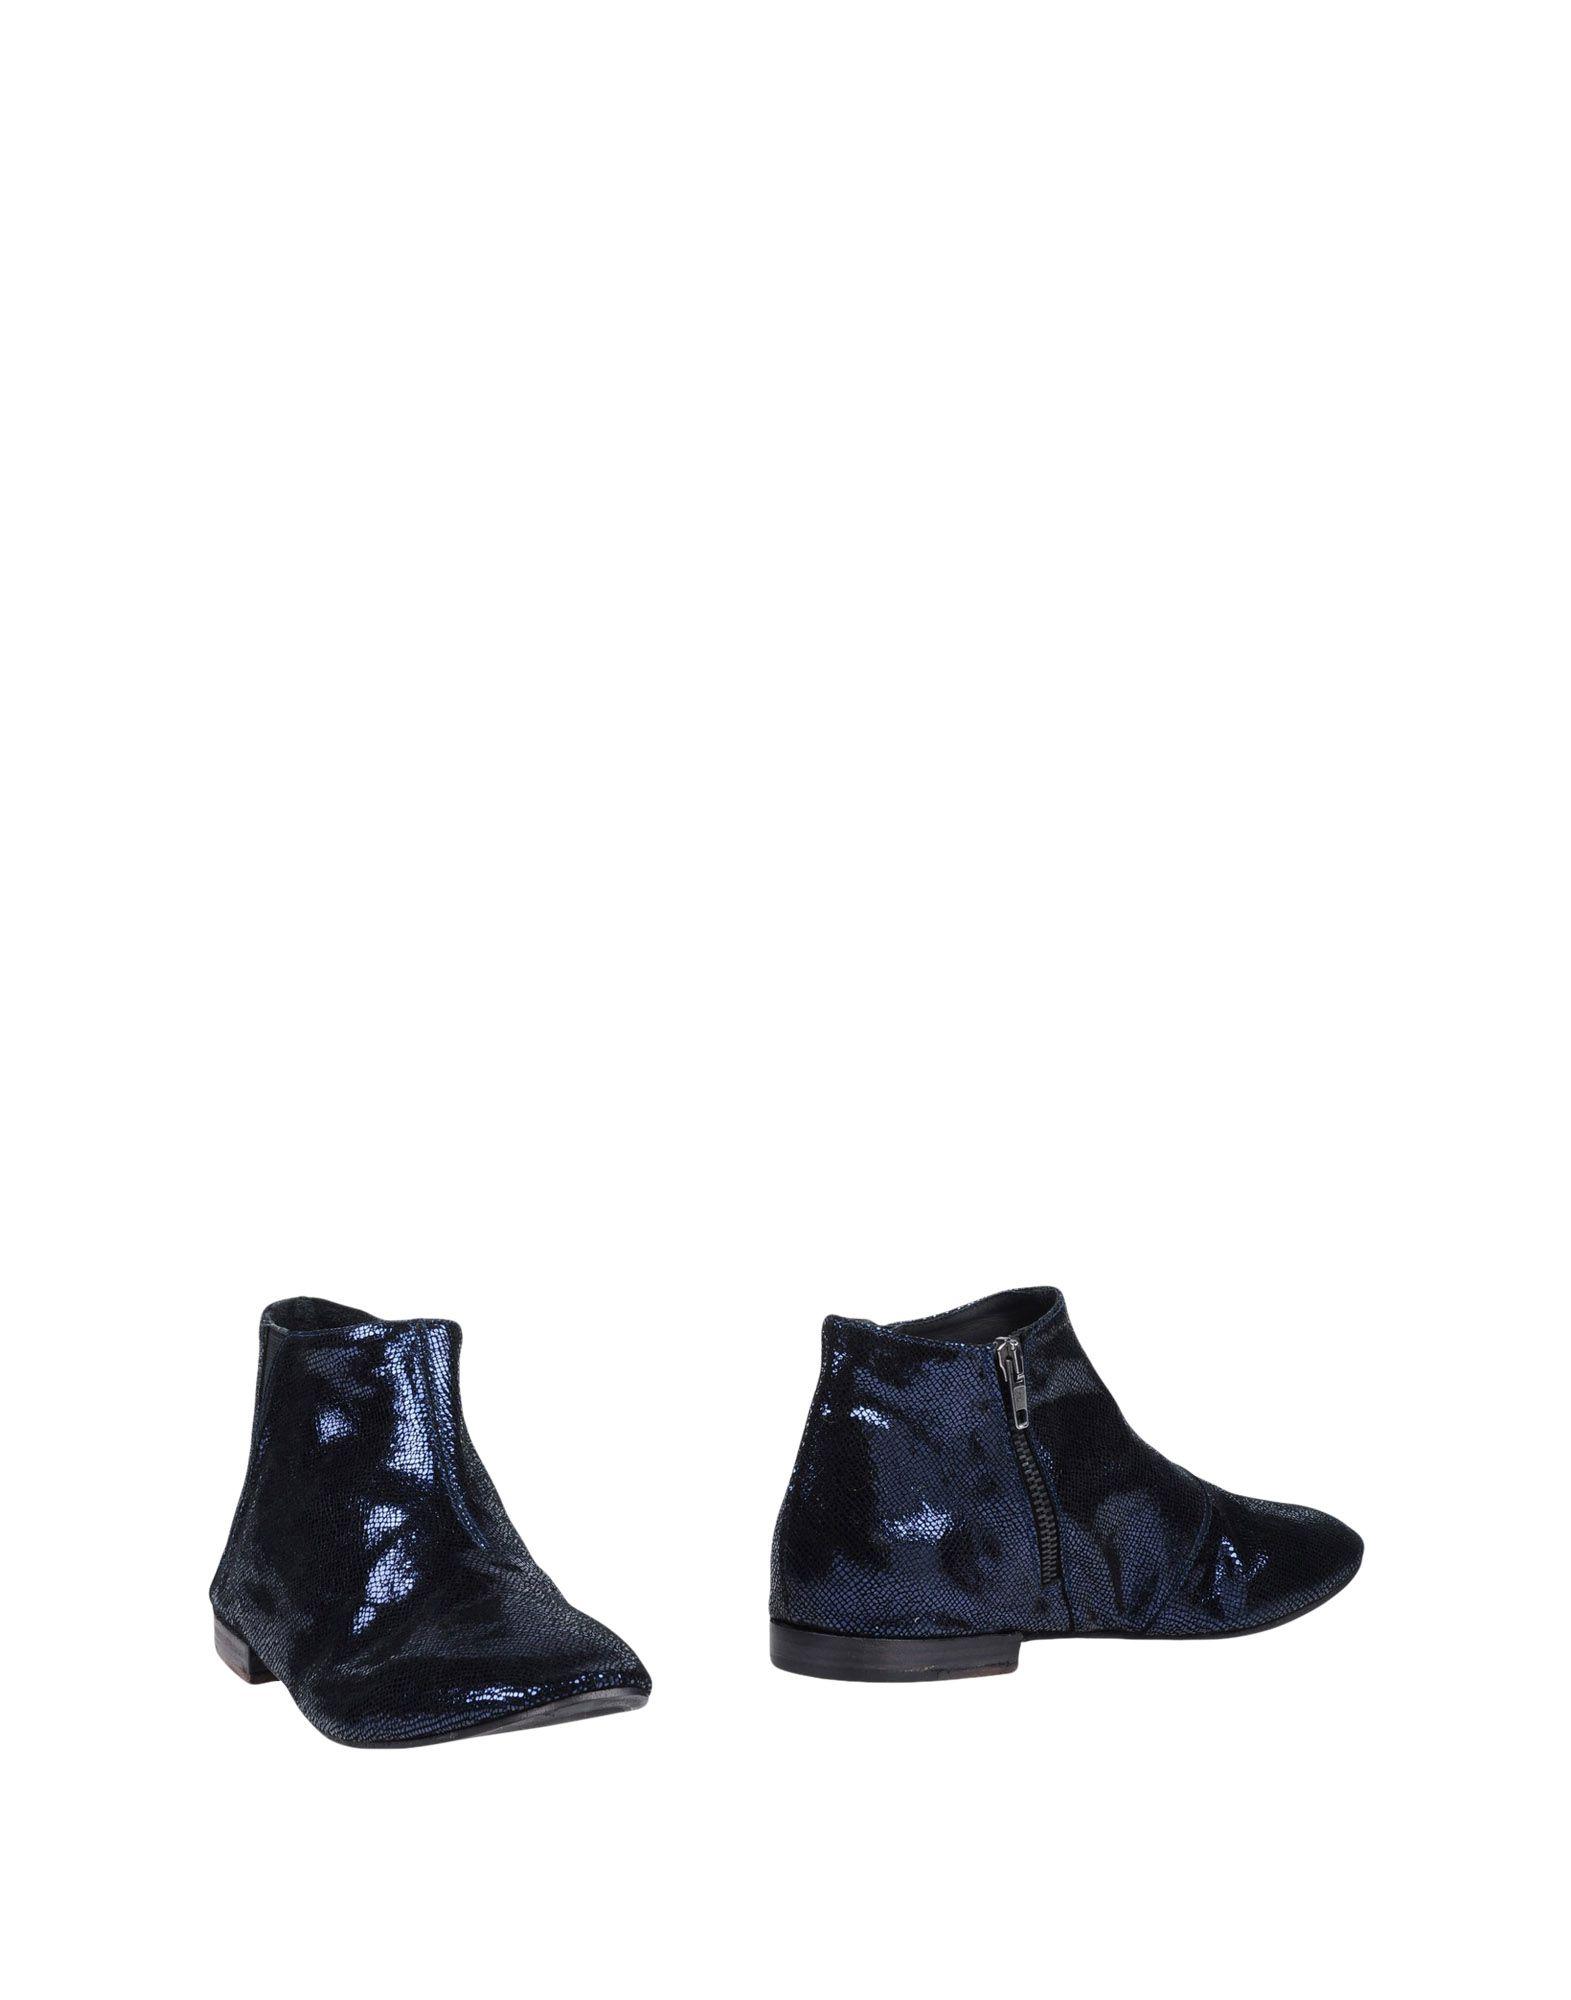 Kudetà Stiefelette Damen  11371705LP Gute Qualität beliebte Schuhe